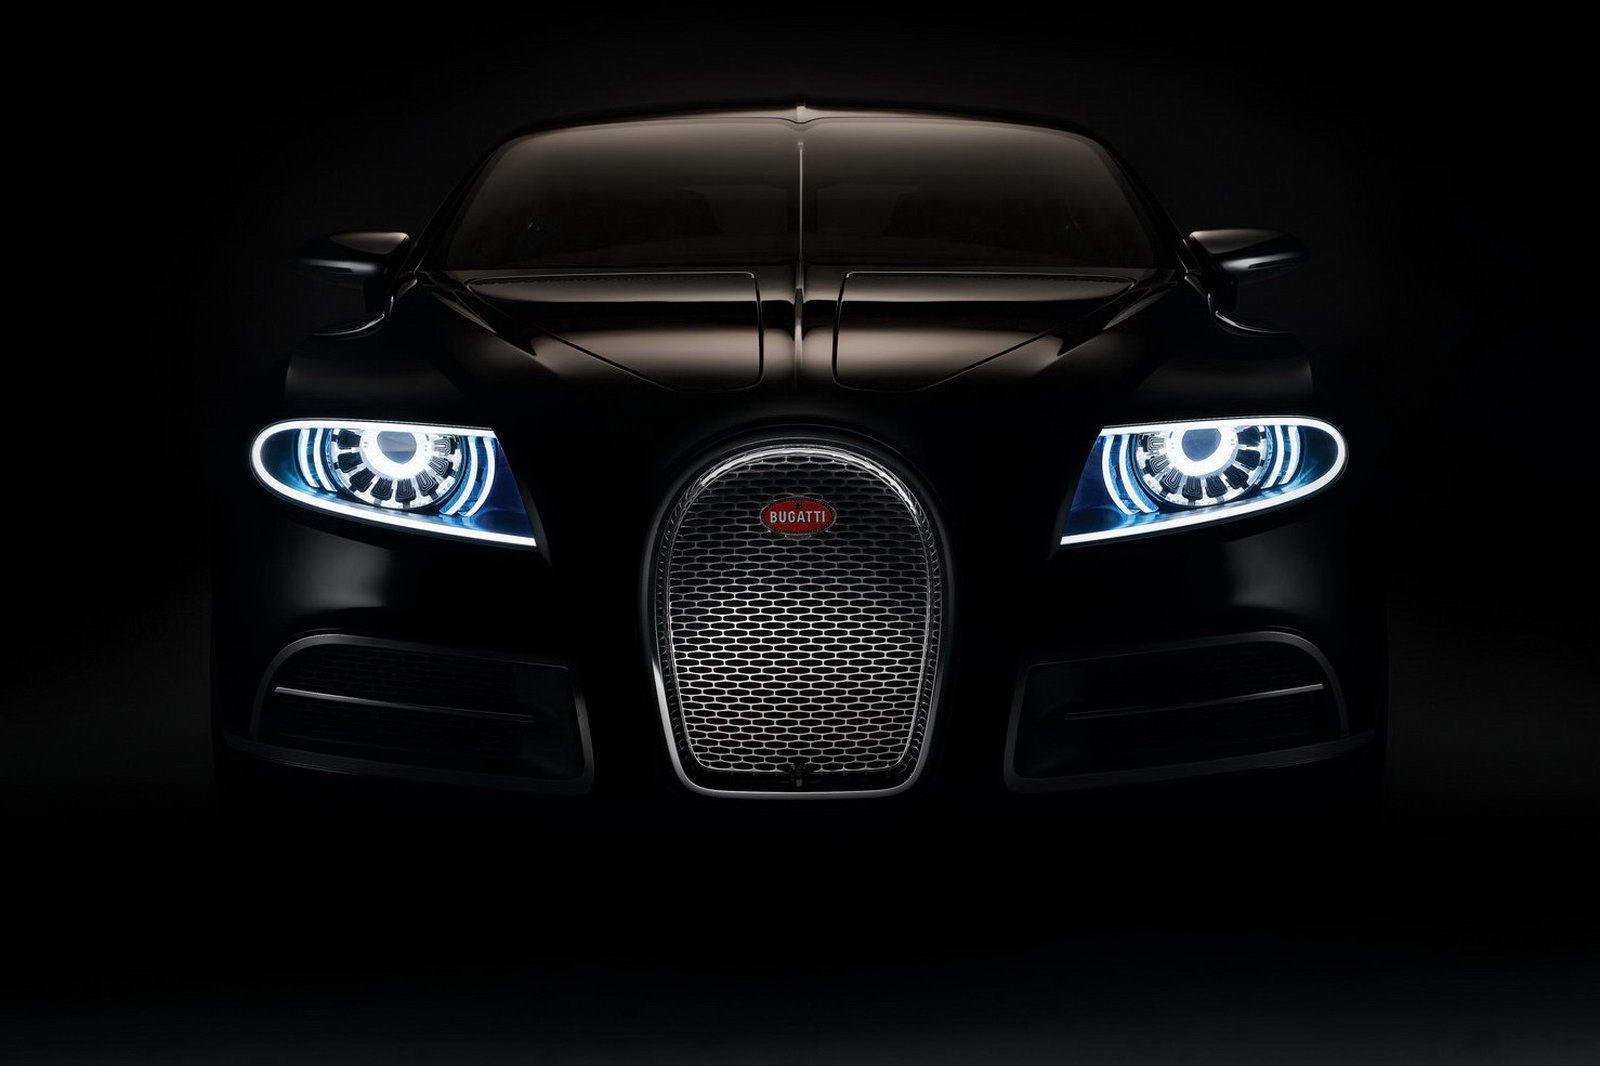 черный, фары, Bugatti, car, wallpaper, скачать фото обои на рабочий стол